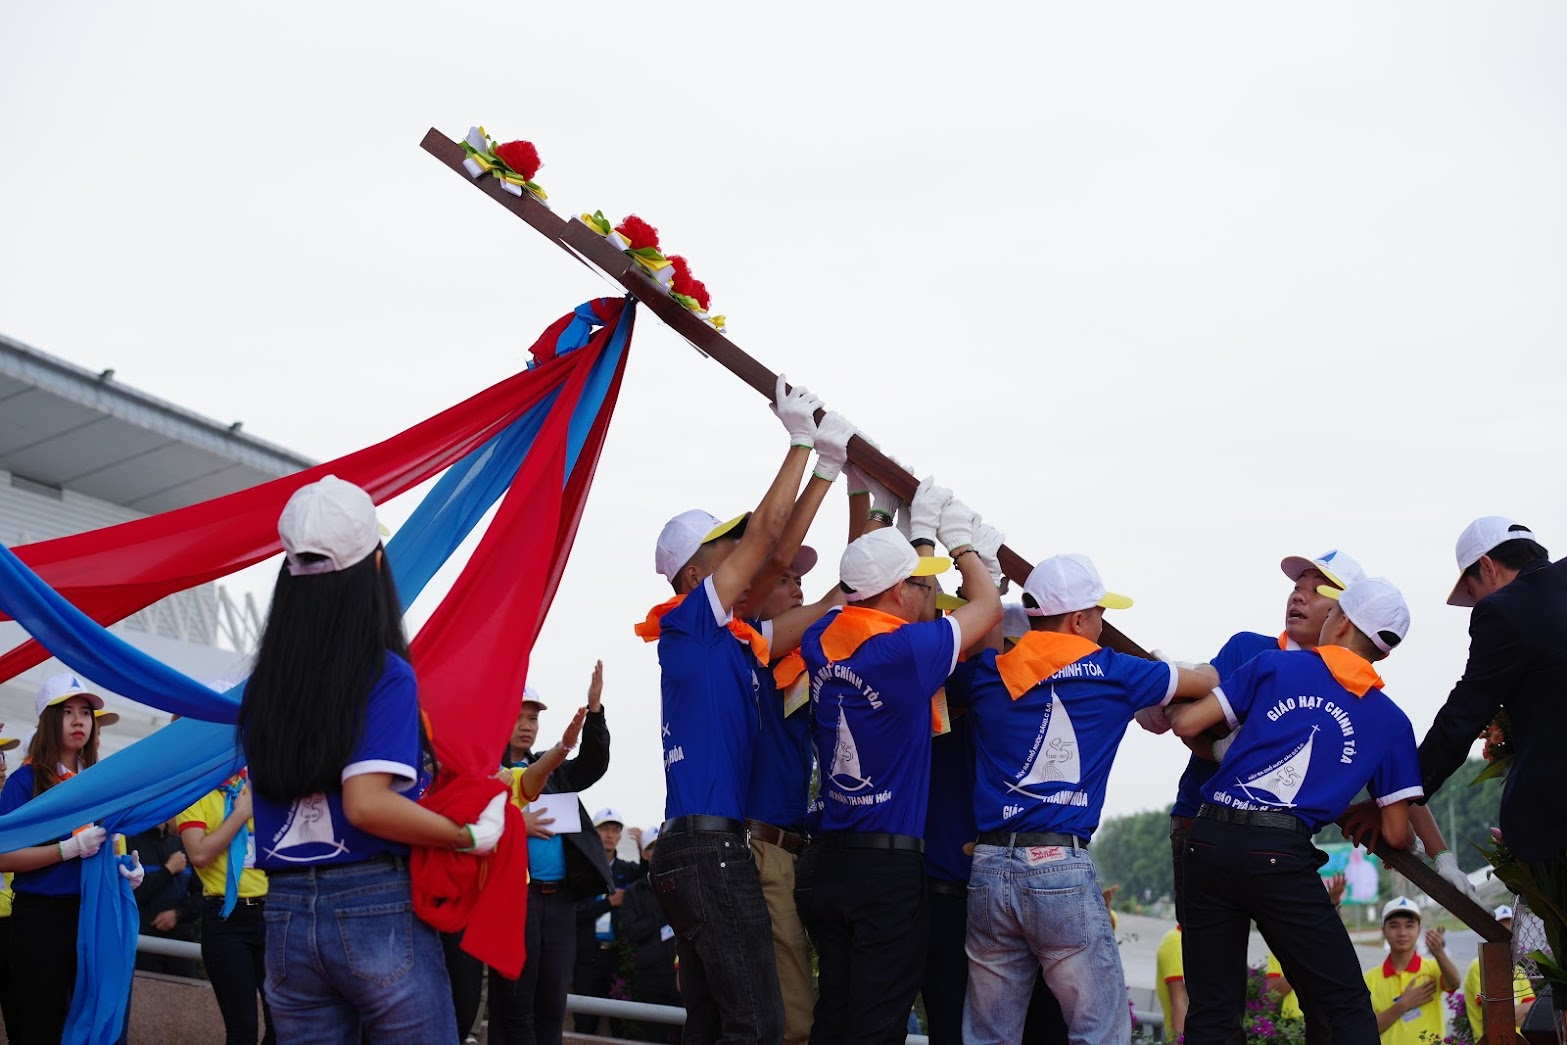 Những hình ảnh đẹp về lễ khai mạc Đại Hội Giới Trẻ giáo tỉnh Hà Nội lần thứ XV tại Thanh Hóa - Ảnh minh hoạ 35